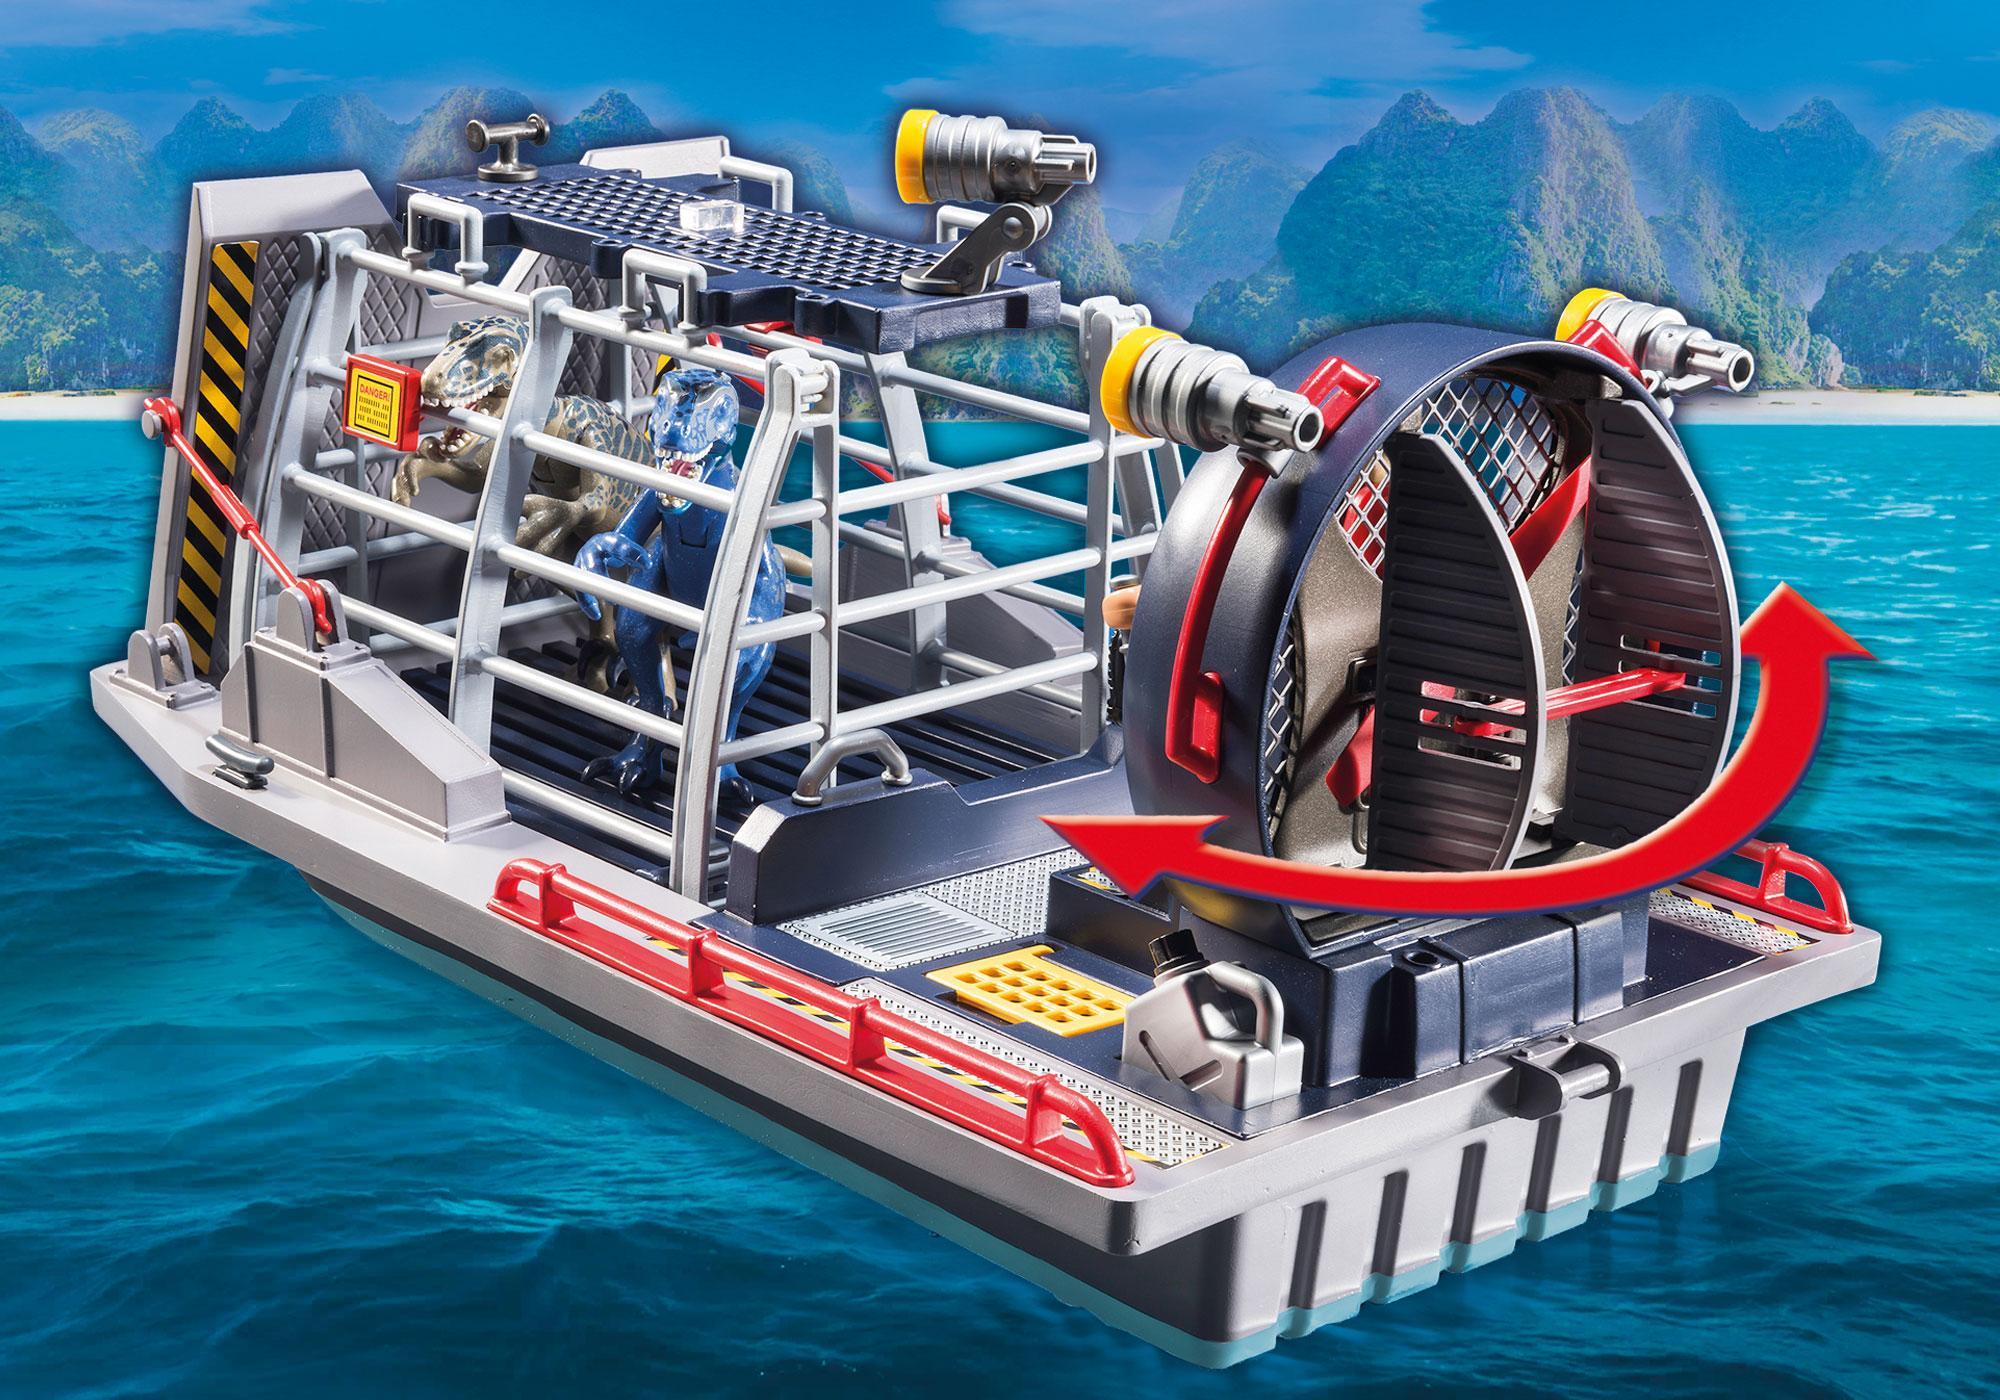 http://media.playmobil.com/i/playmobil/9433_product_extra2/Bateau avec cage et deinonychus